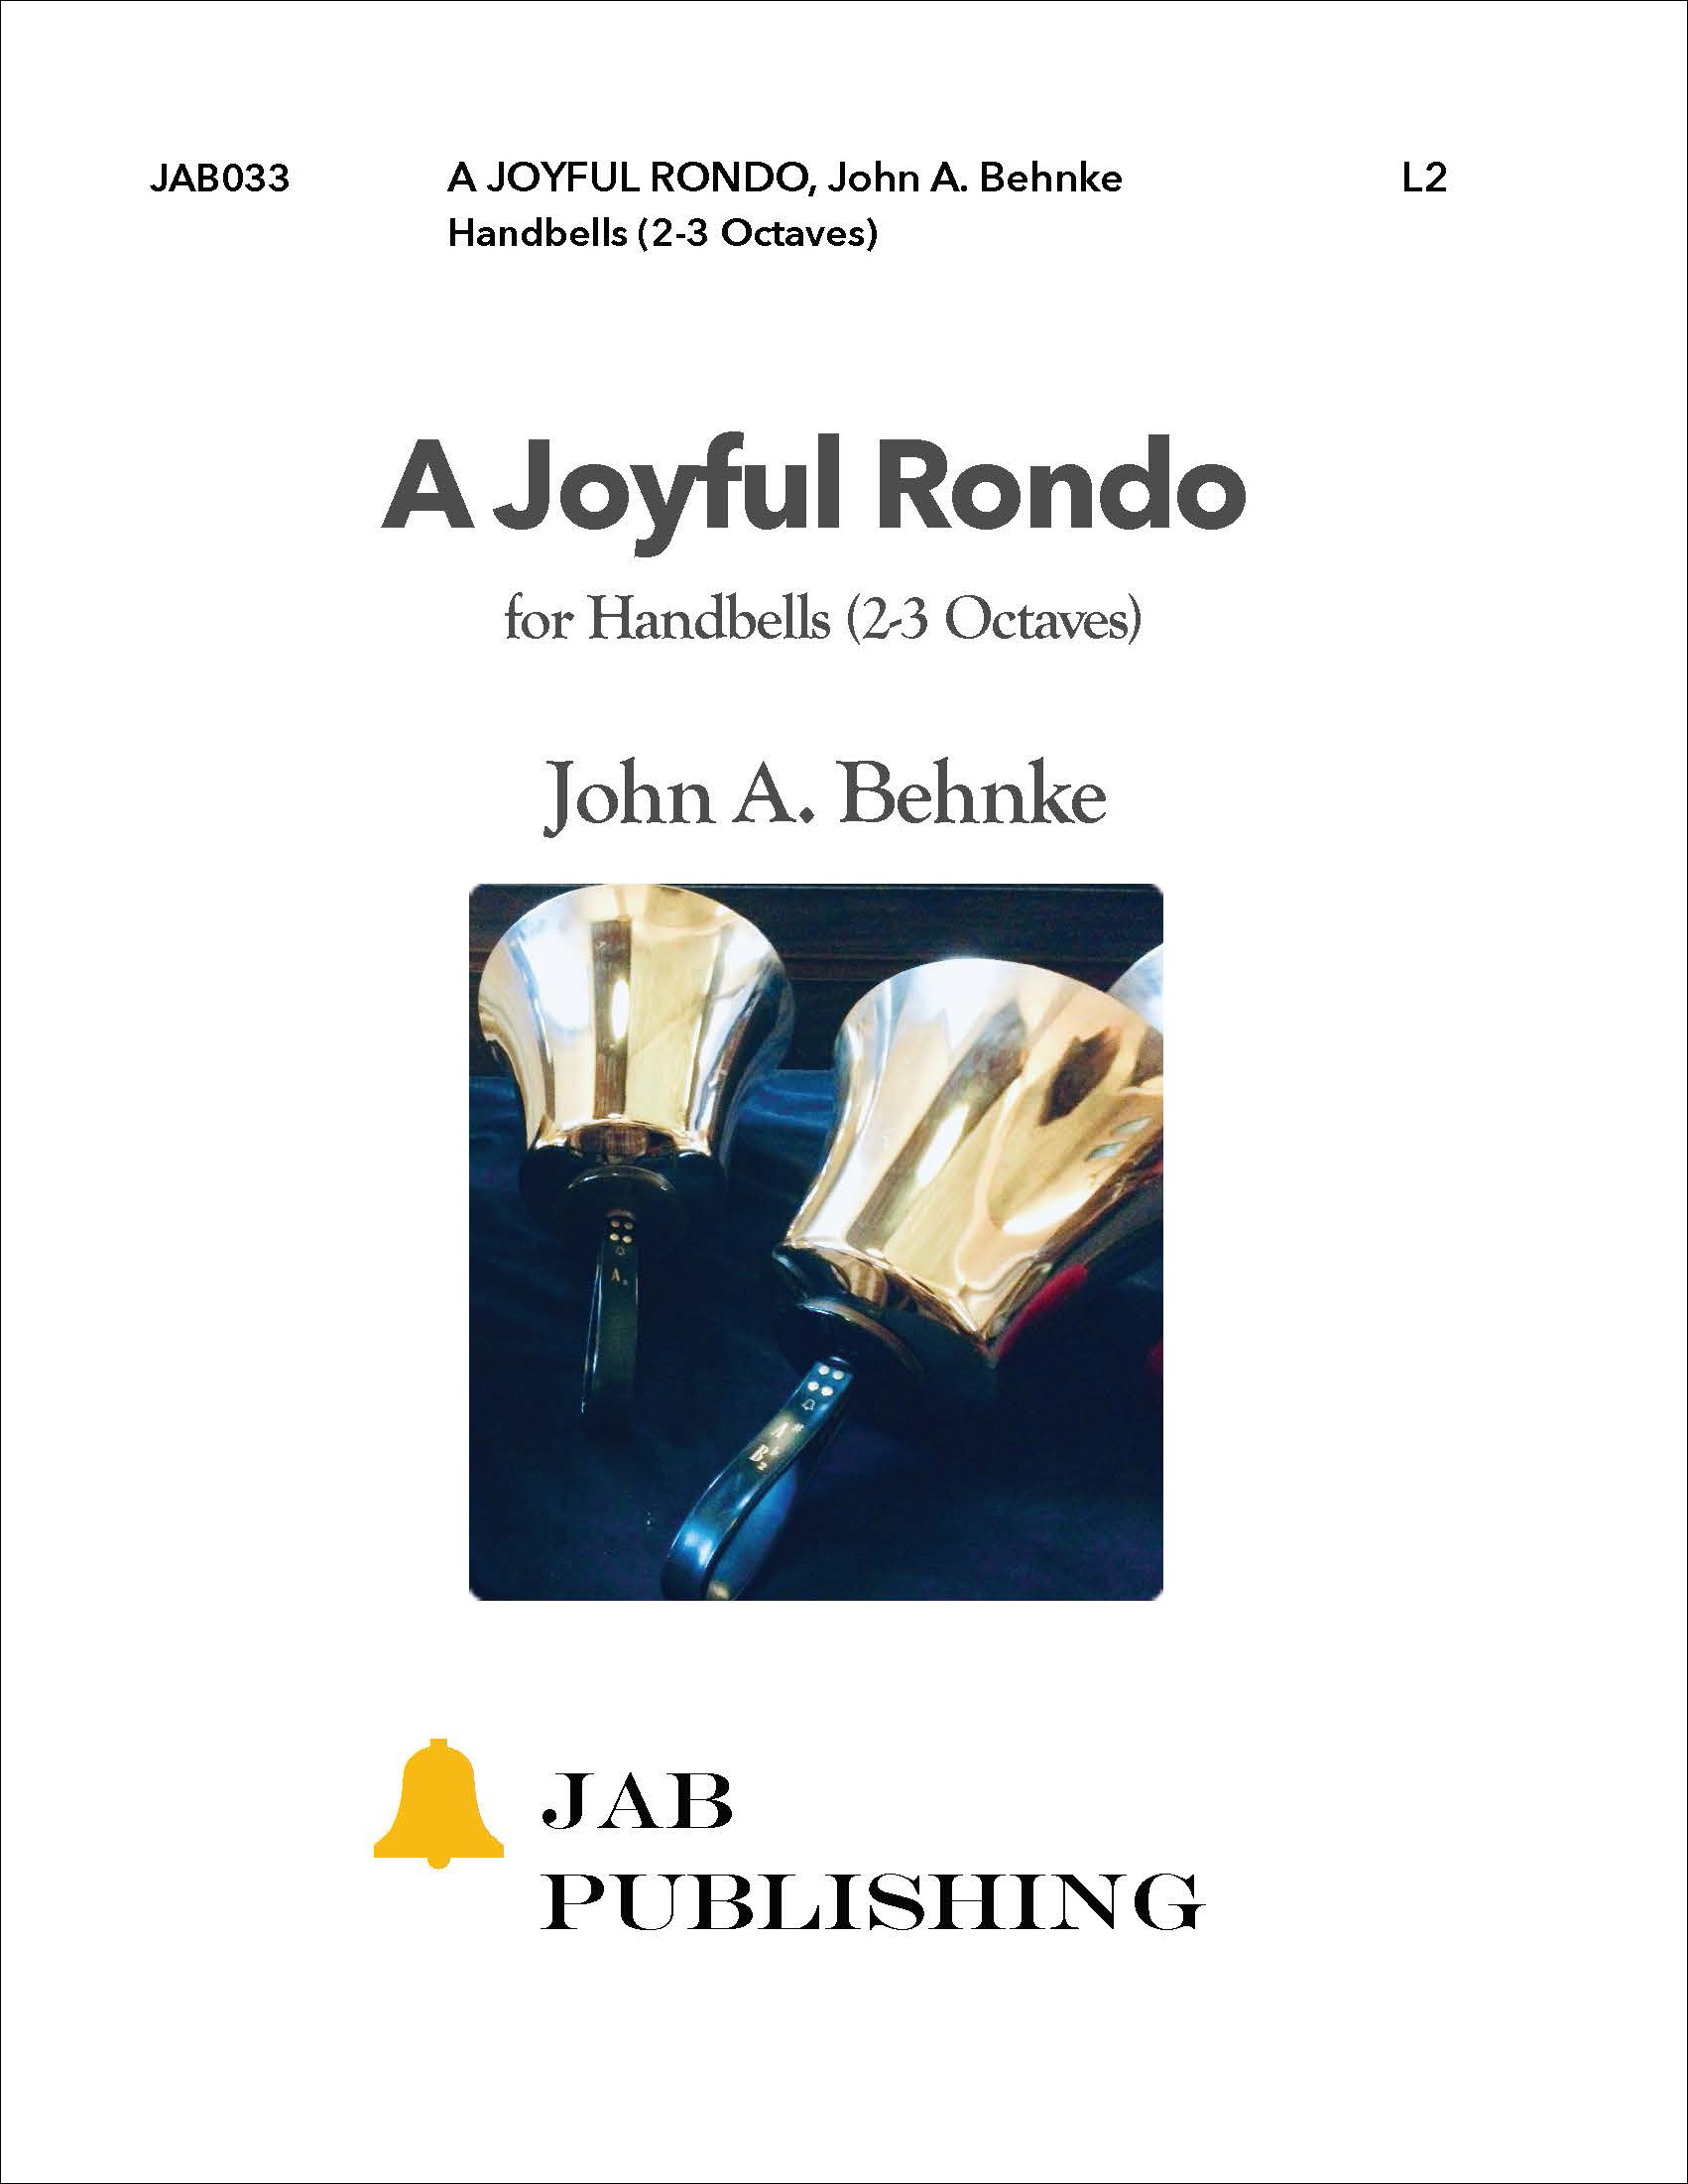 A Joyful Rondo Thumbnail